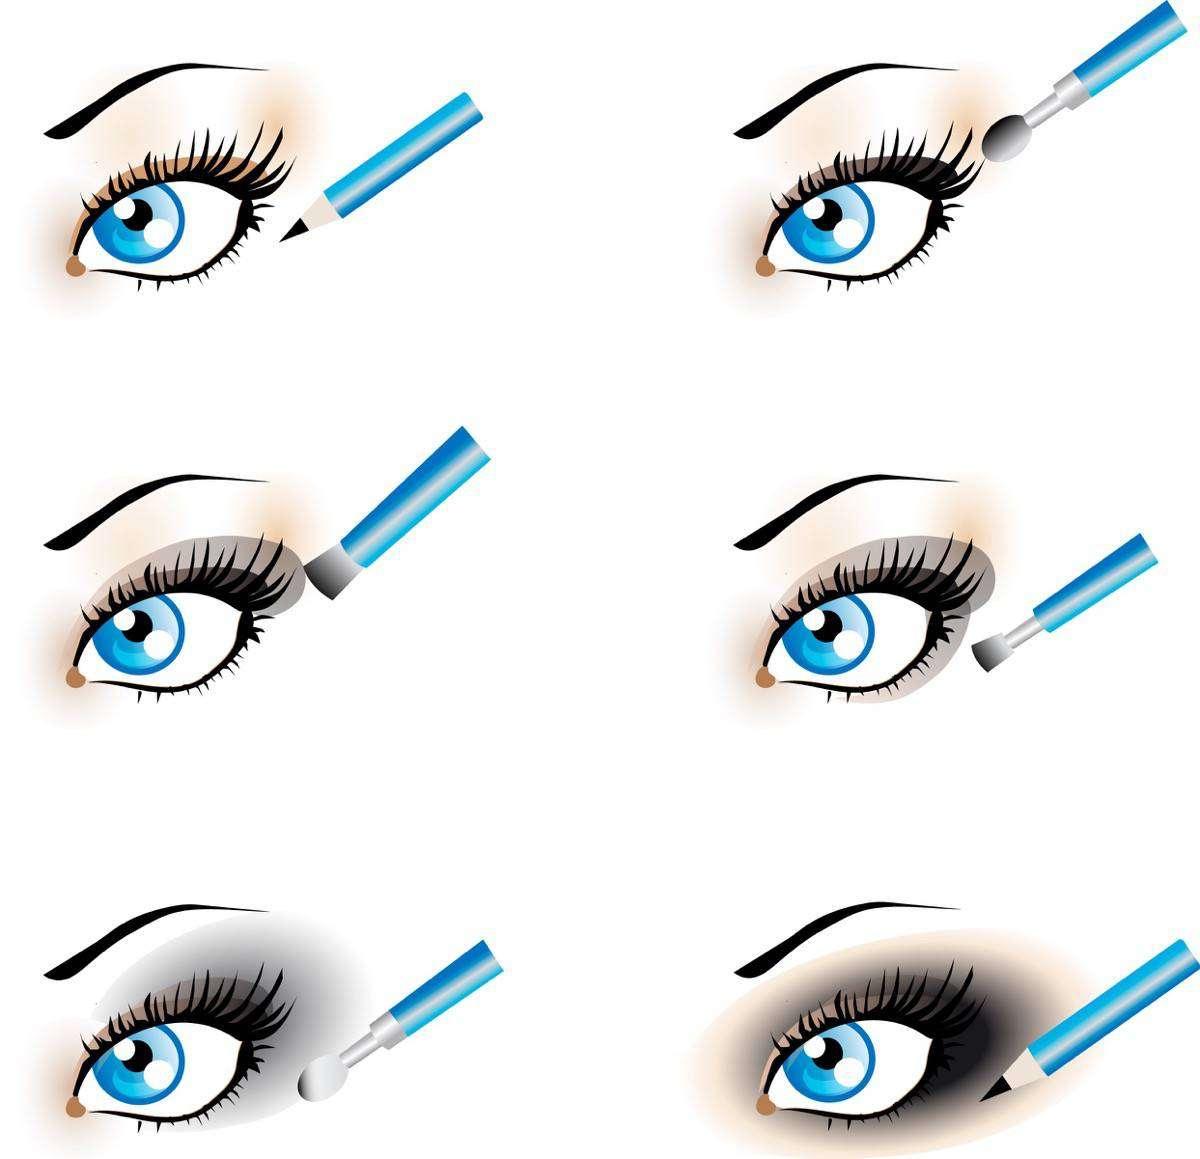 pintar bien la raya del ojo - paso a paso ojo aumado